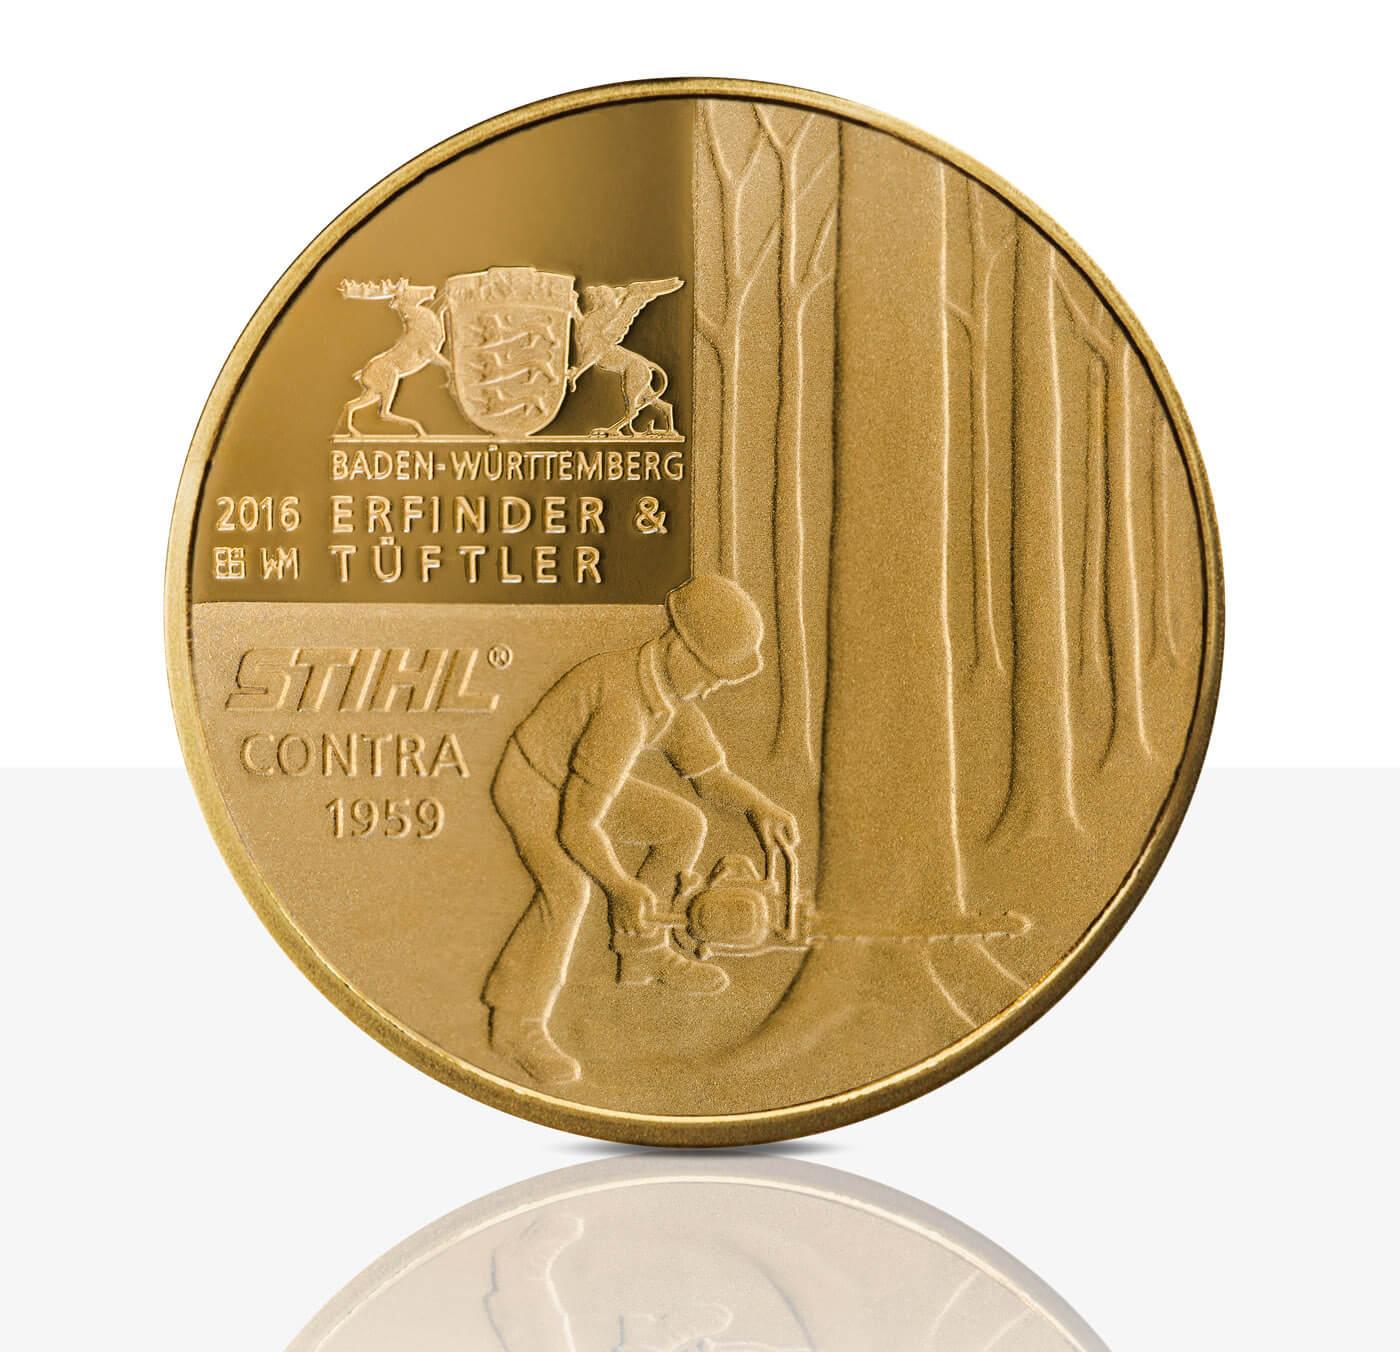 Andreas Stihl Feingoldmedaille Spiegelglanz Staatliche Münzen